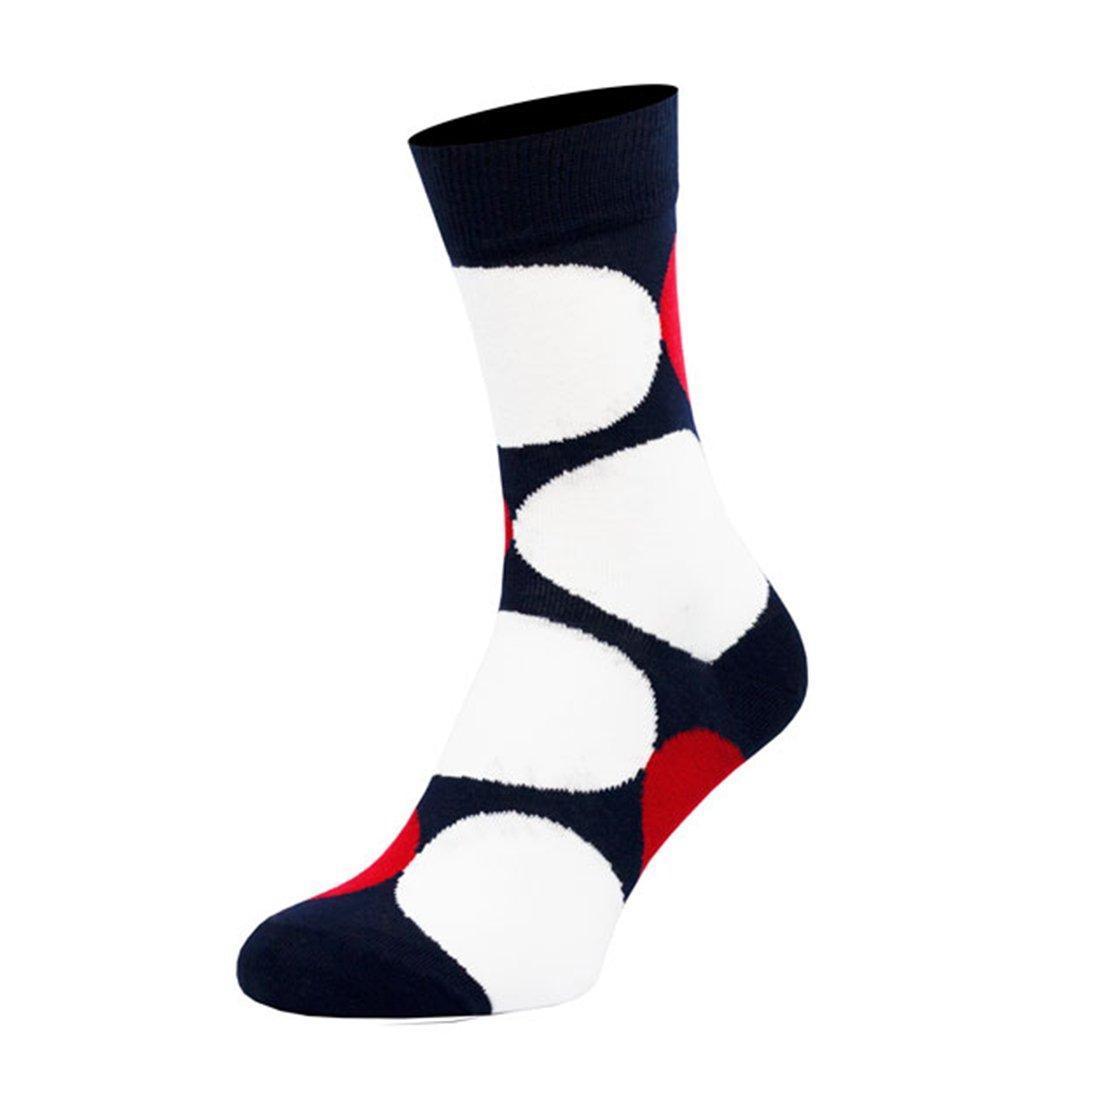 Шкарпетки чоловічі кольорові з бавовни, білі кулі